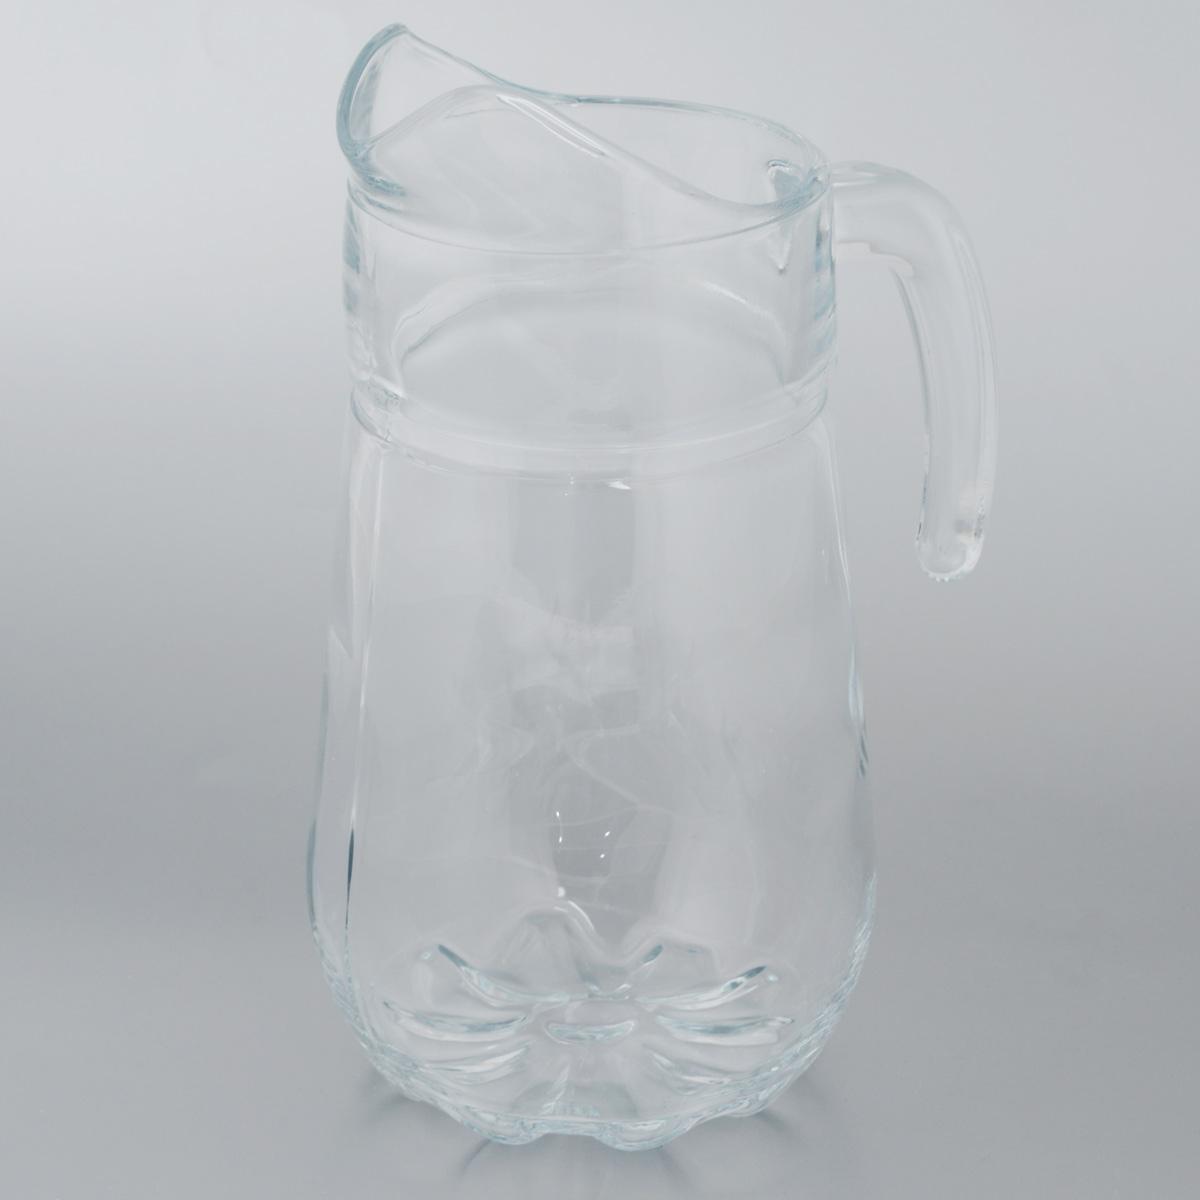 Кувшин Pasabahce Sylvana, 1,37 л43334BКувшин Sylvana, выполненный из прочного натрий-кальций-силикатного стекла, элегантно украсит ваш стол. Кувшин прекрасно подойдет для подачи воды, сока, компота и других напитков. Изделие оснащено ручкой и специальным носиком для удобного выливания жидкости. Совершенные формы и изящный дизайн, несомненно, придутся по душе любителям классического стиля. Кувшин Sylvana дополнит интерьер вашей кухни и станет замечательным подарком к любому празднику. Можно мыть в посудомоечной машине. Диаметр кувшина по верхнему краю (без учета носика): 9 см. Высота кувшина: 24,5 см.